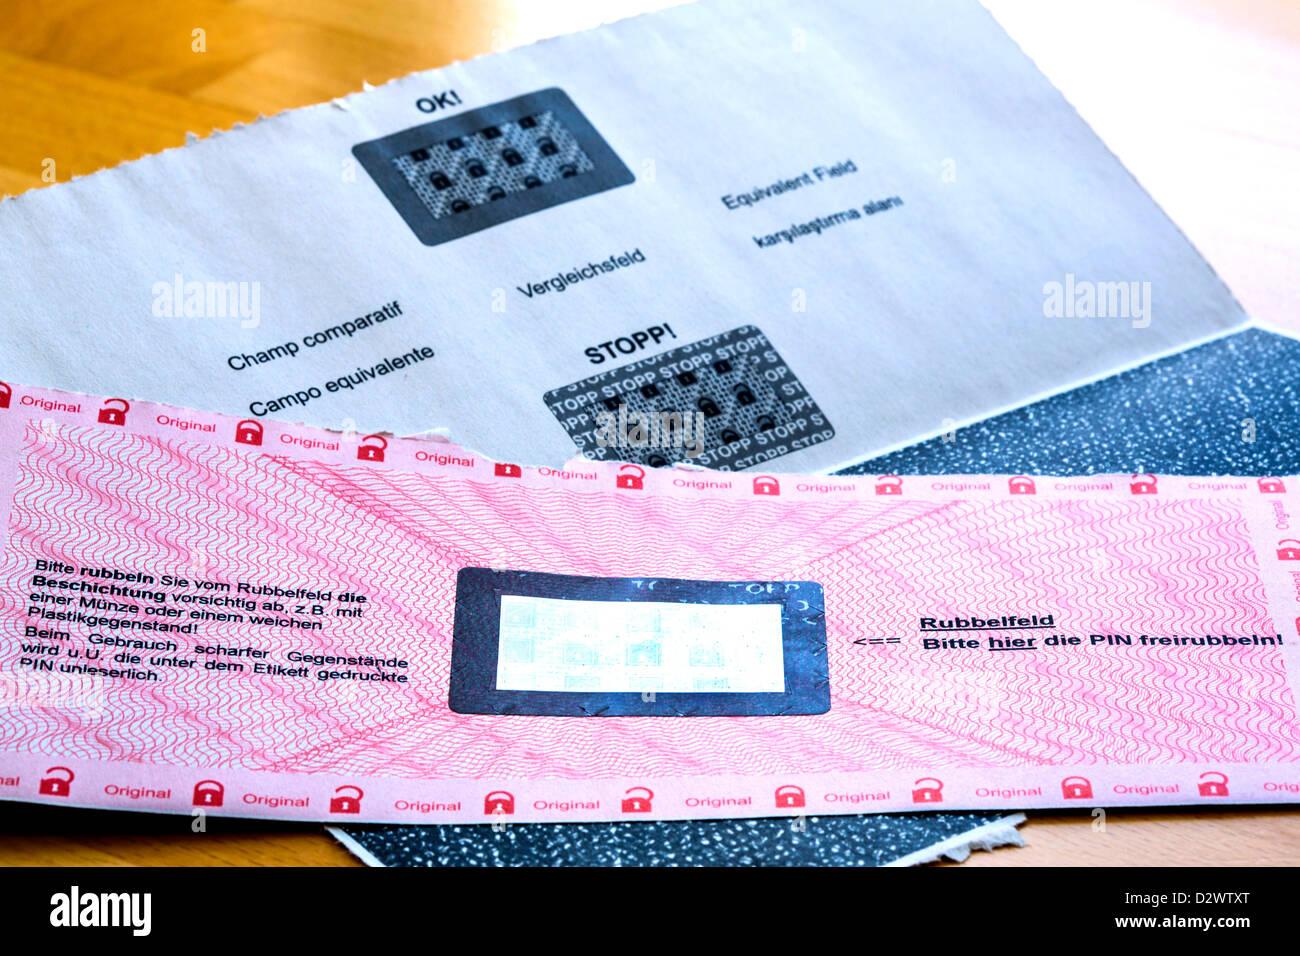 Briefbank Stockfotos und  bilder Kaufen   Alamy